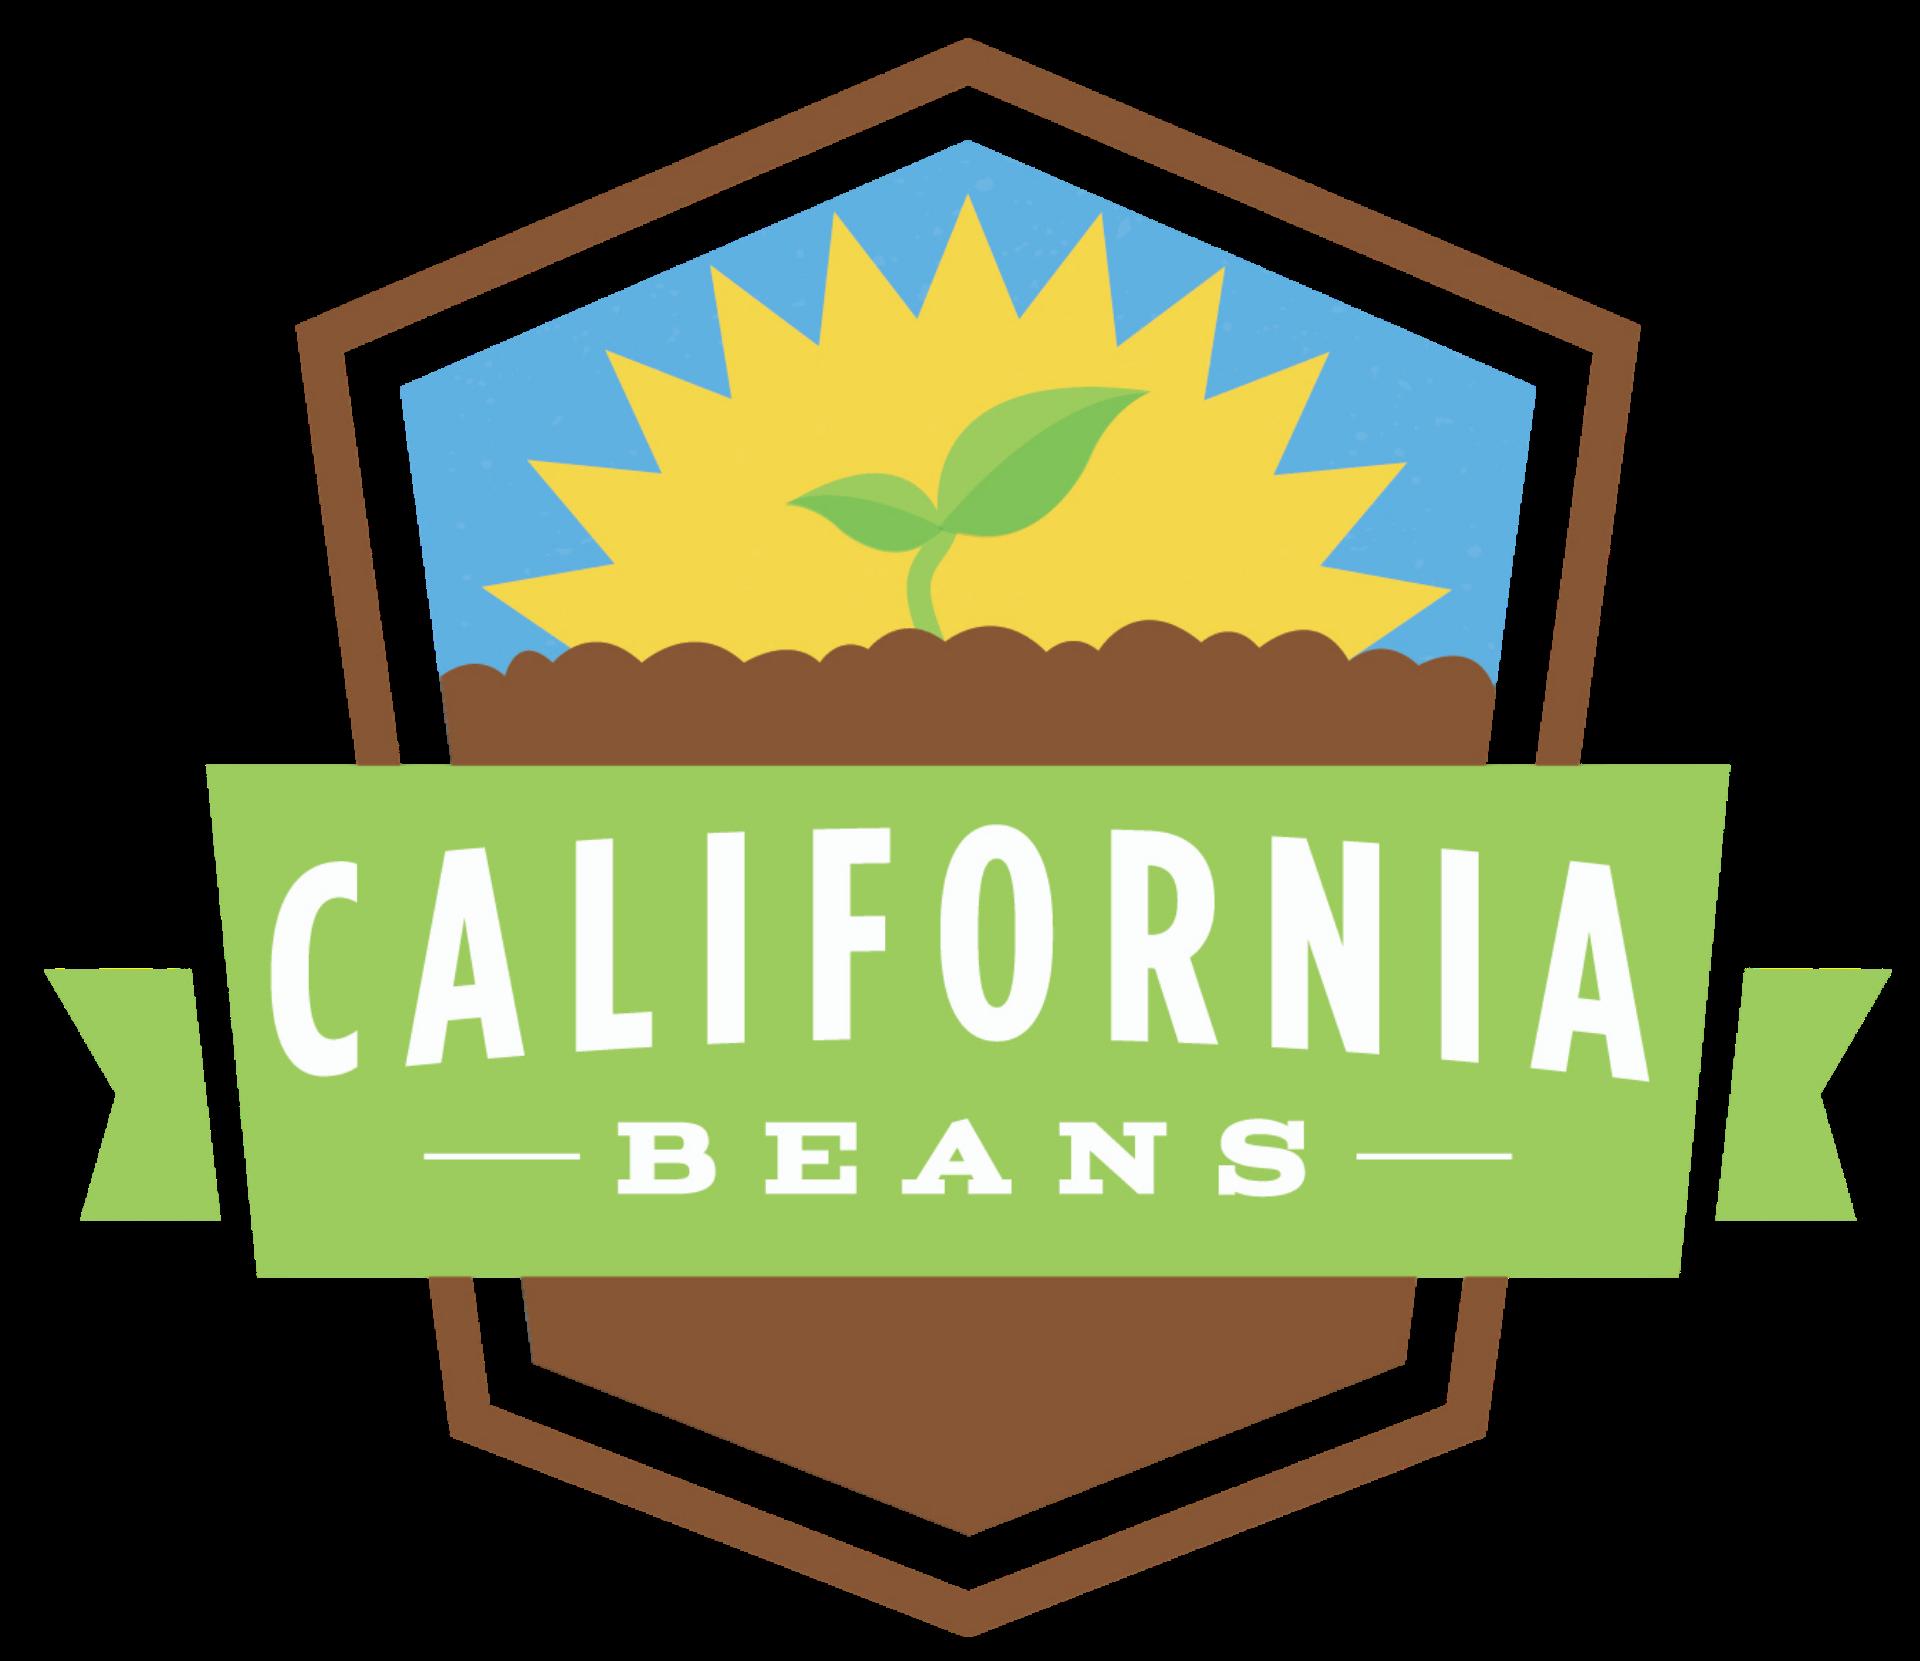 California Beans